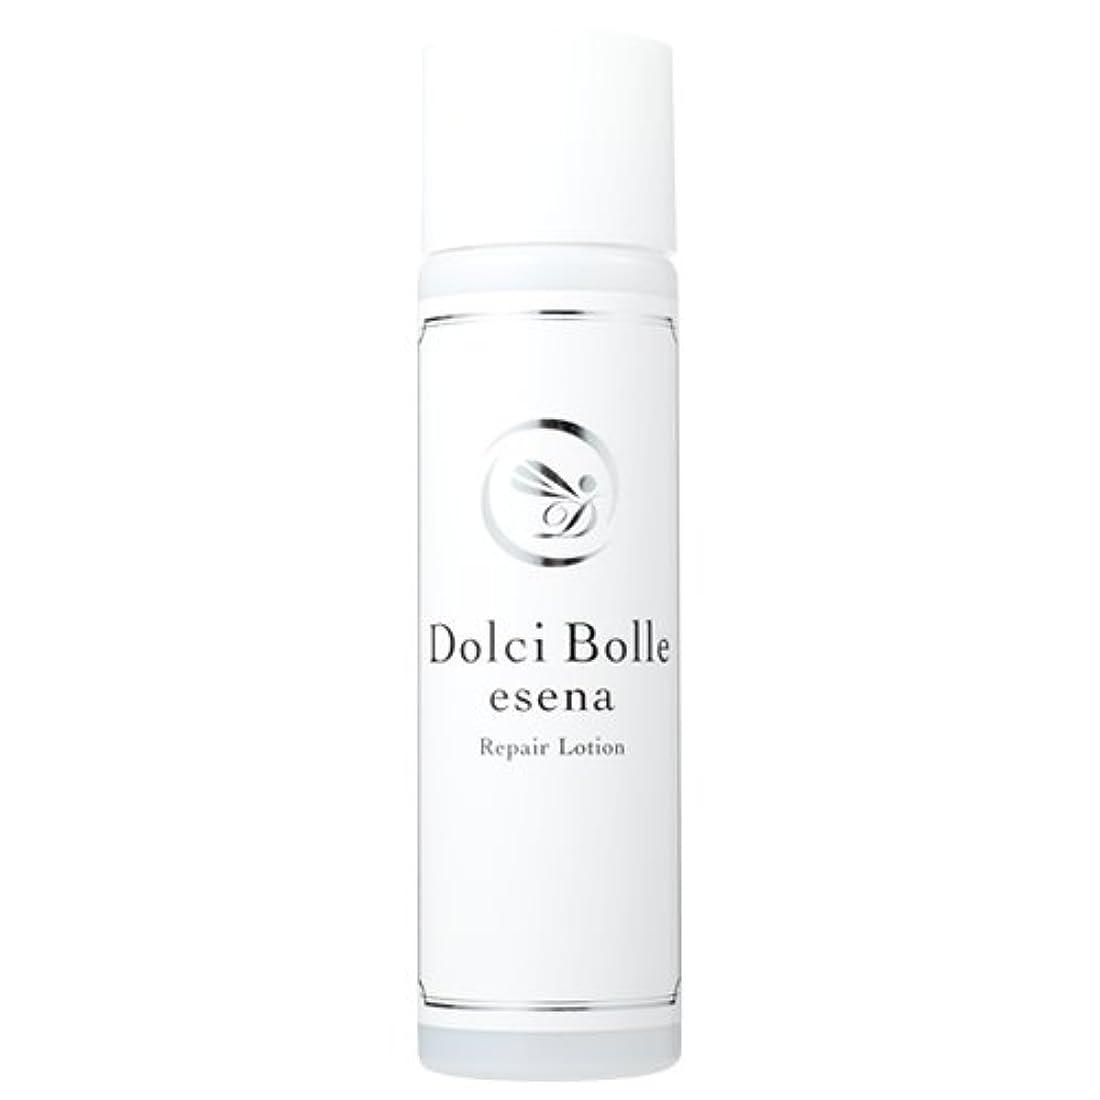 繁雑証言する表現Dolci Bolle(ドルチボーレ) esena(エセナ) リペアローション 150ml